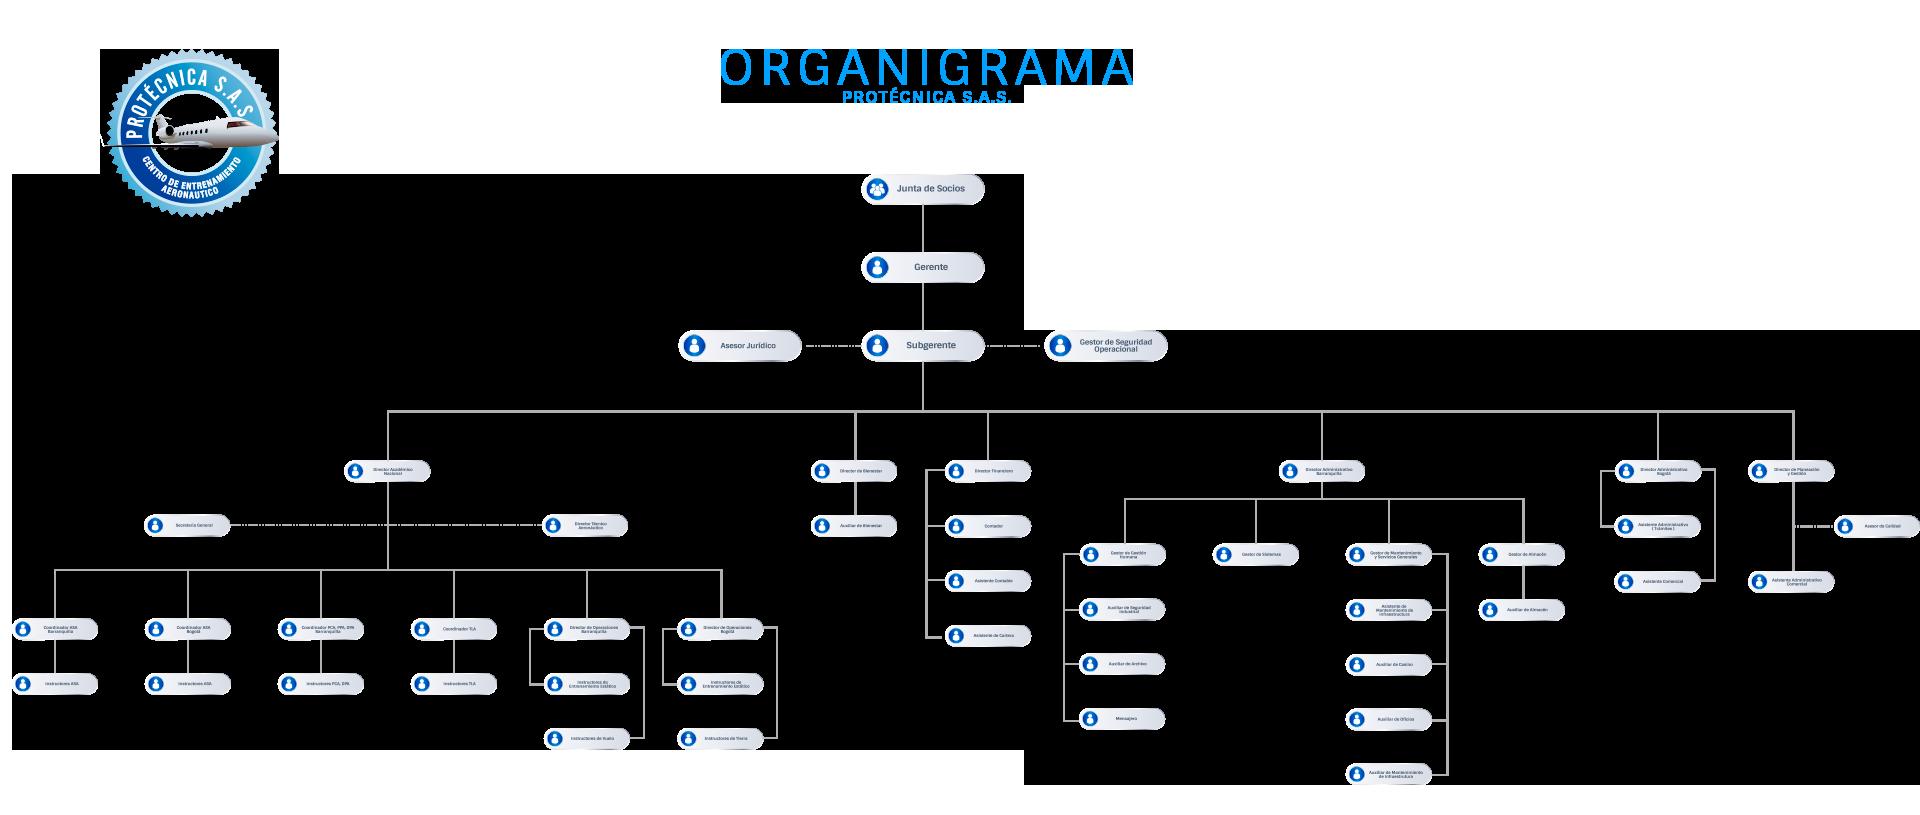 organigrama-5